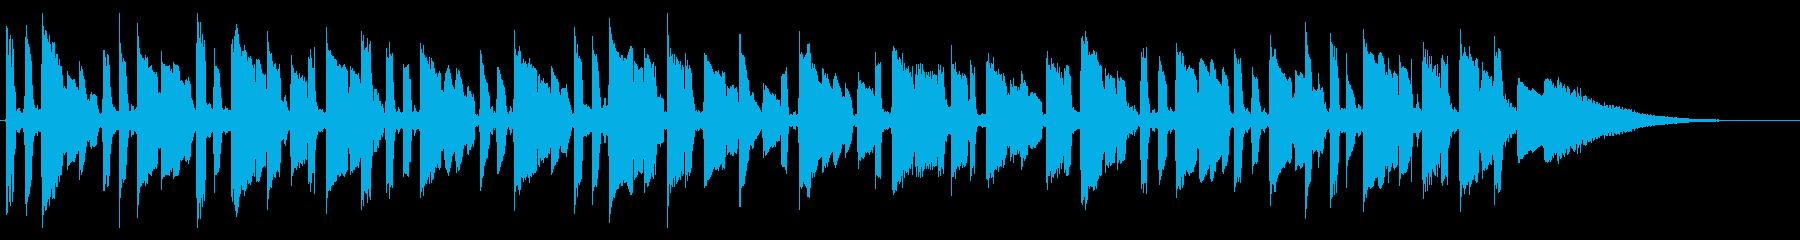 クリーンなギターサウンドの再生済みの波形